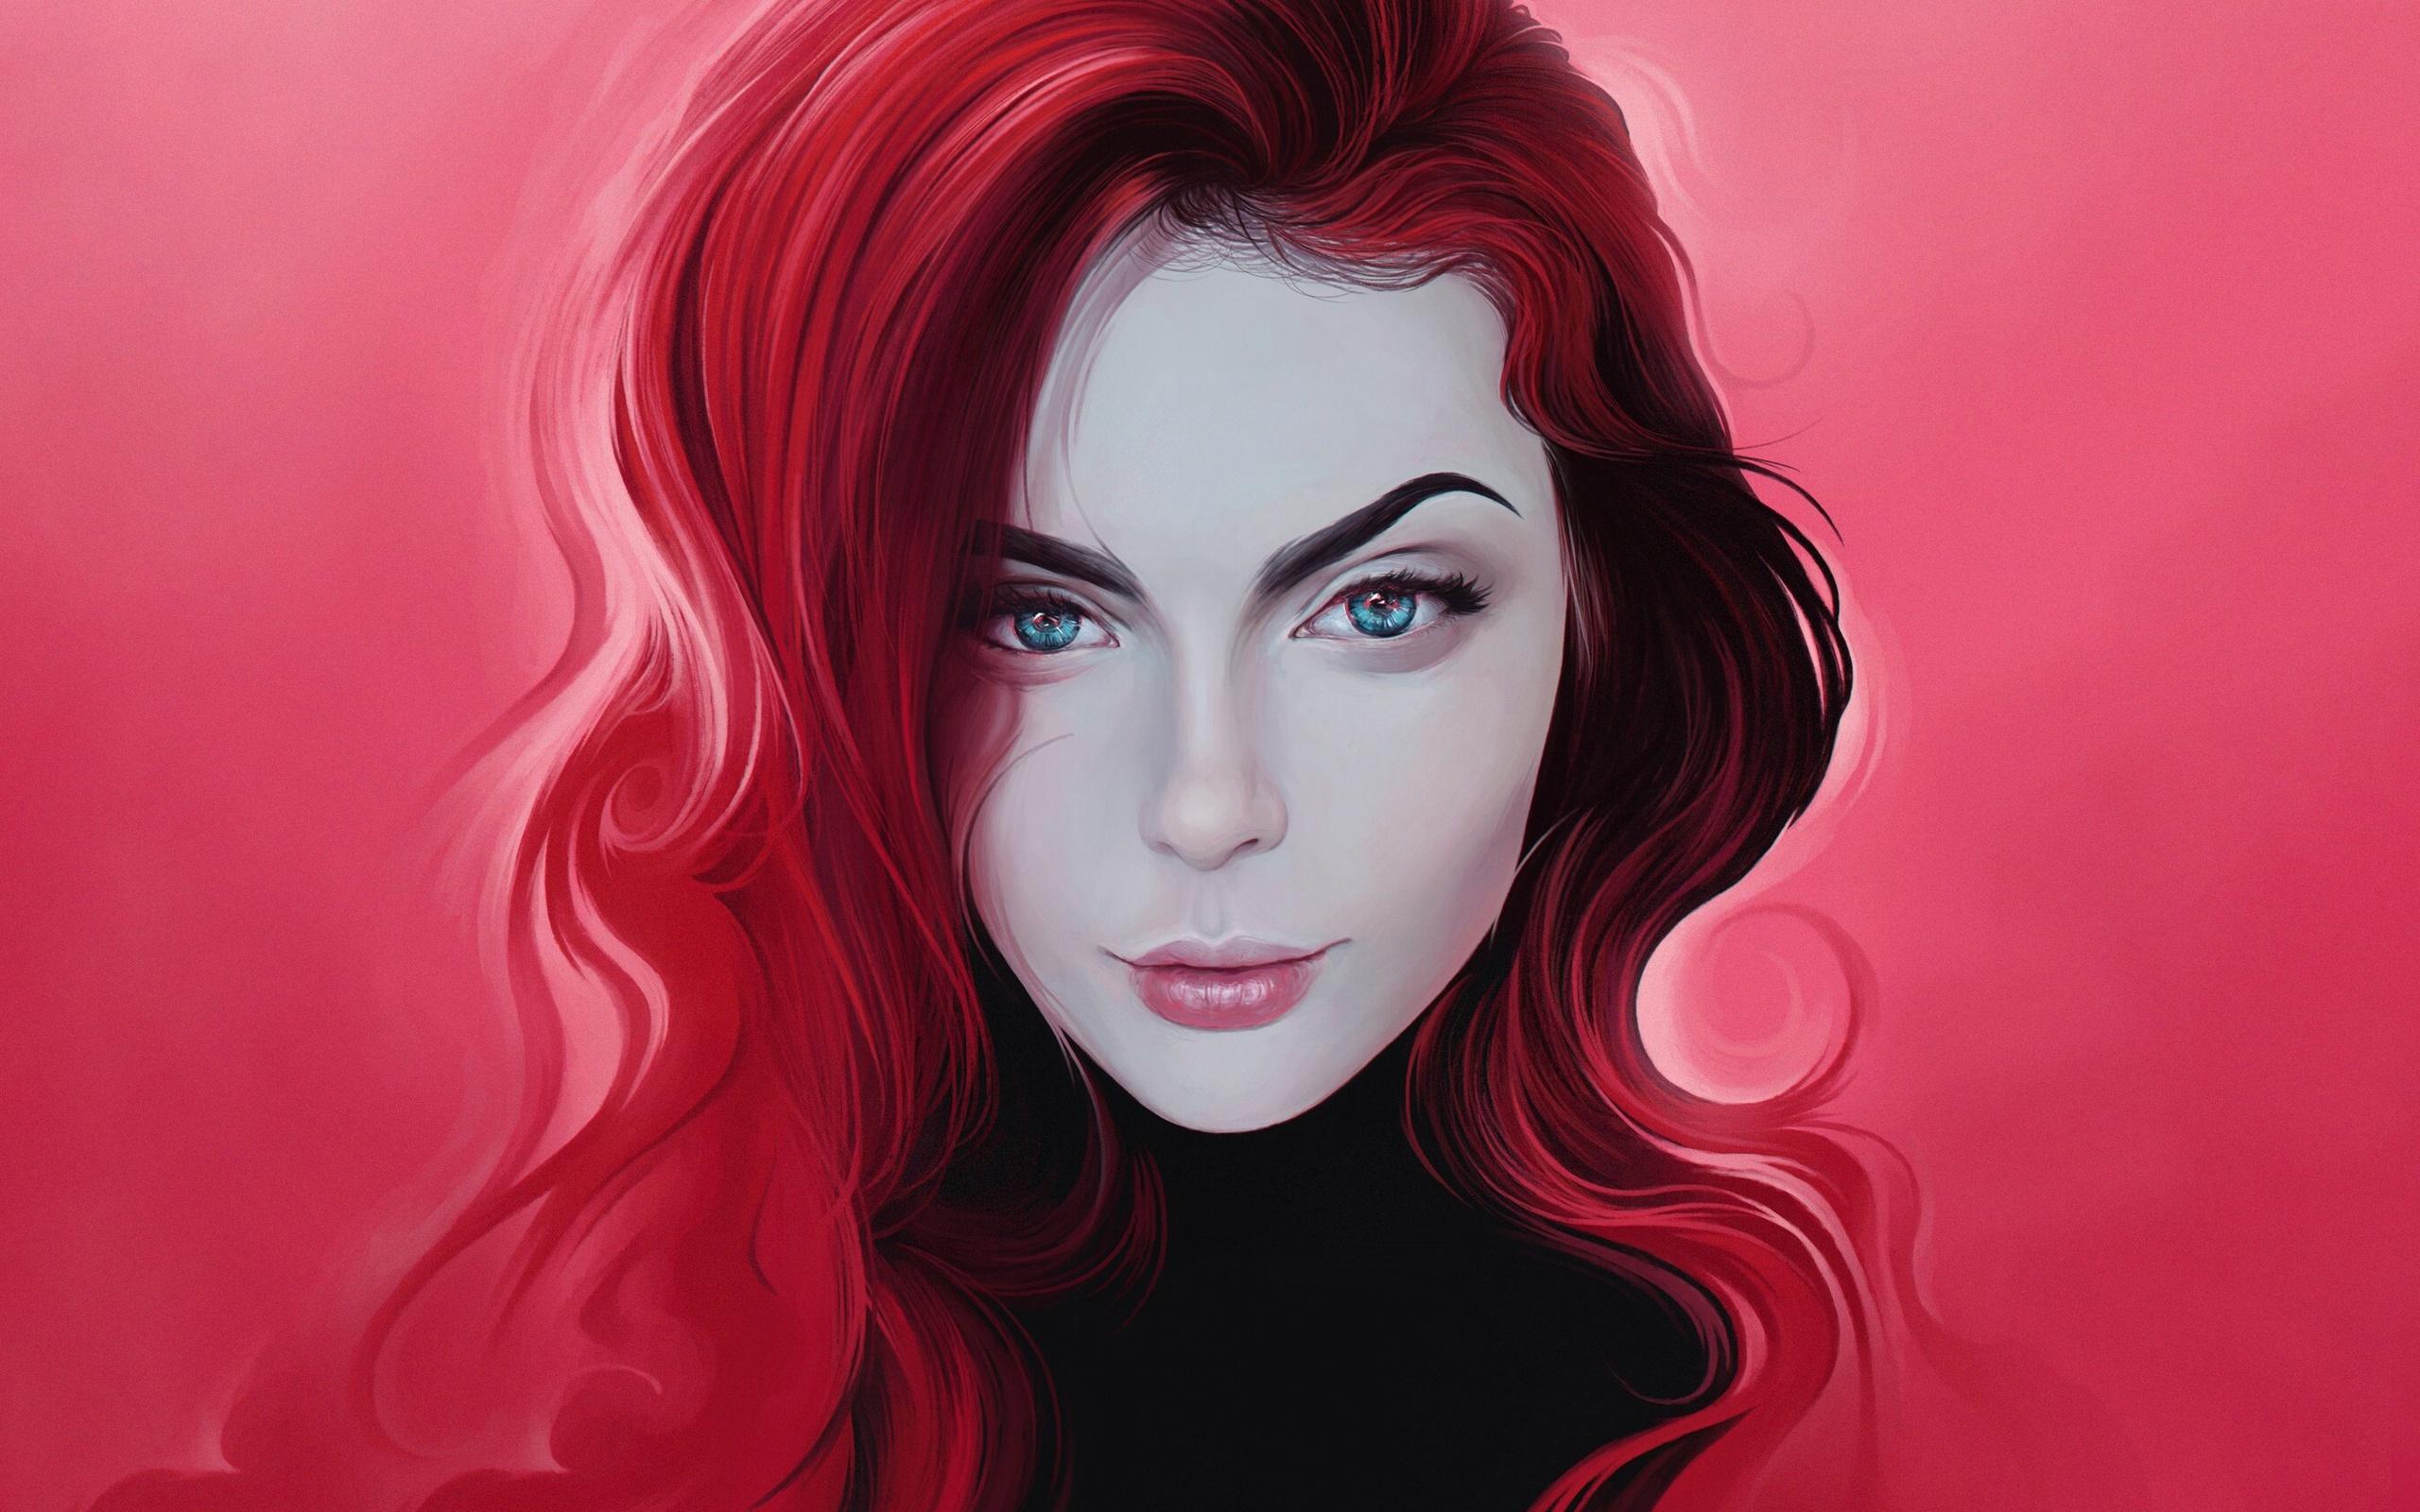 red-head-women-portrait-digital-ml.jpg